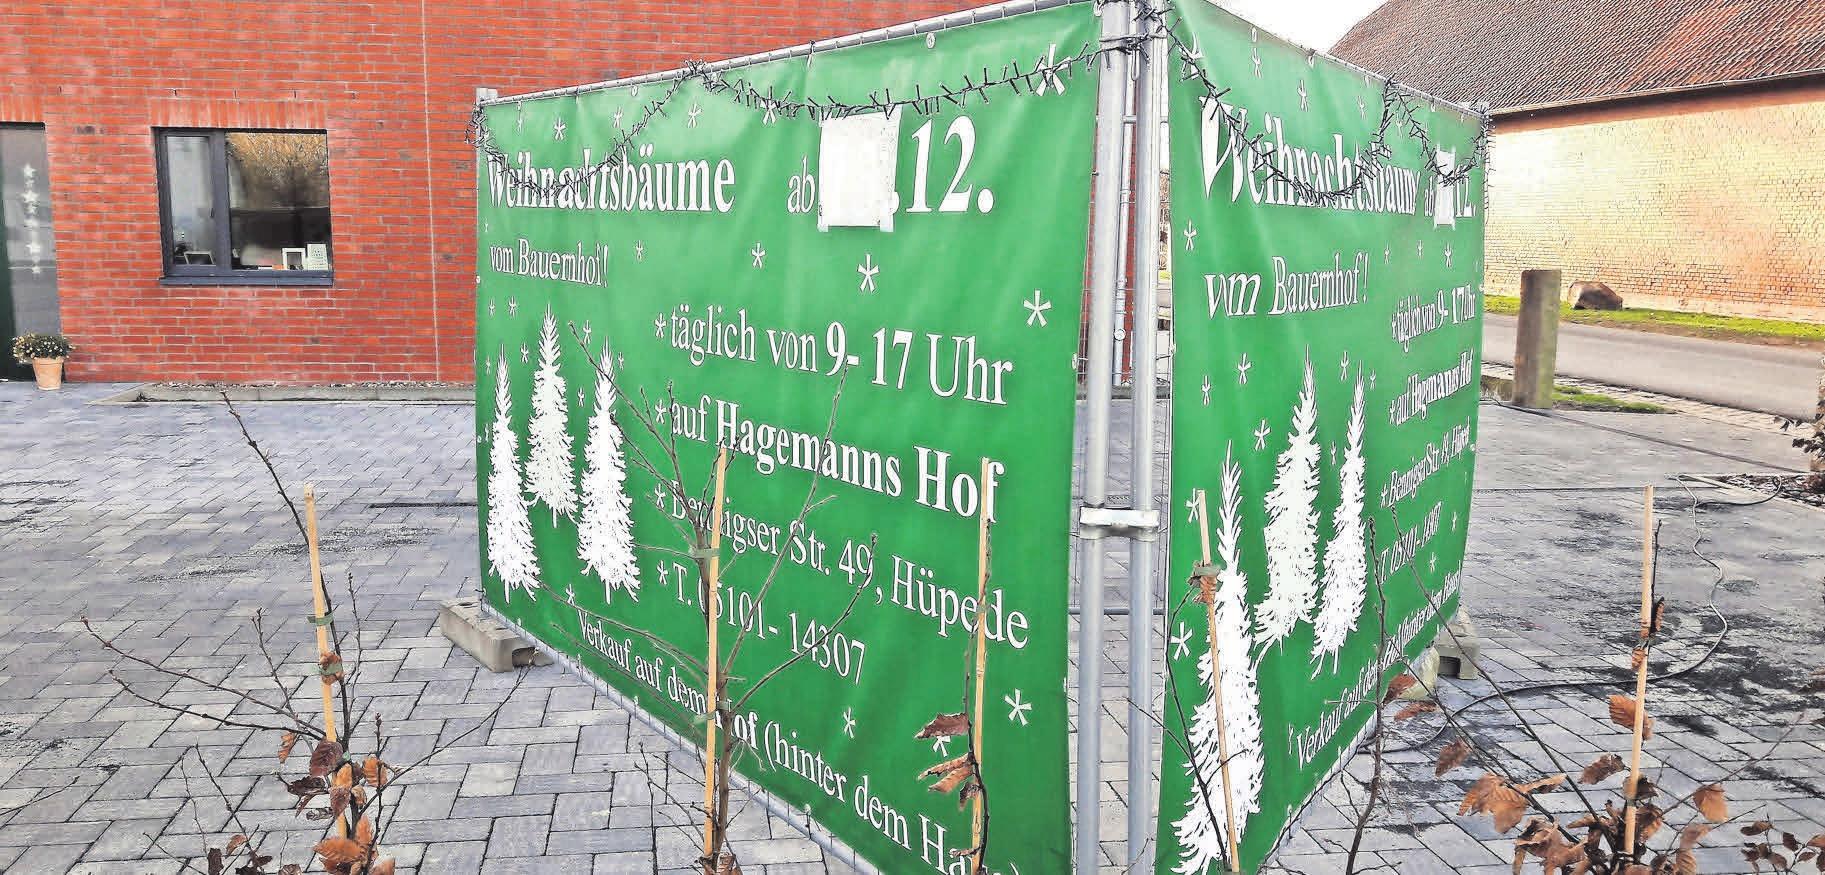 Bereits jetzt weist ein großes Schild auf dem Hagemann-Hof an der Ortsdurchfahrt Hüpede auf den beginnenden Weihnachtsbaumverkauf hin.